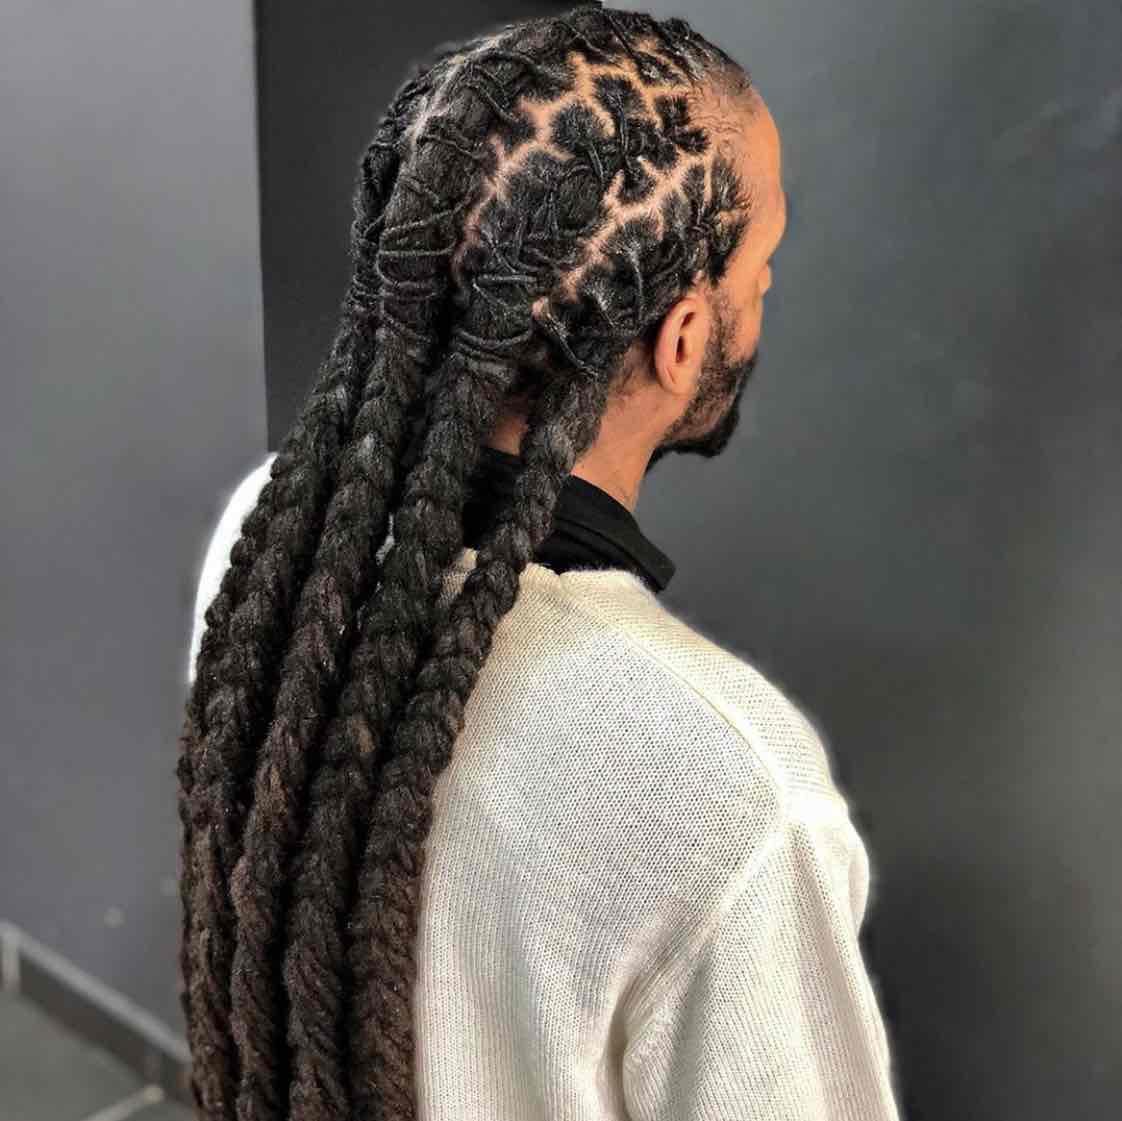 salon de coiffure afro tresse tresses box braids crochet braids vanilles tissages paris 75 77 78 91 92 93 94 95 GZMNXNBS